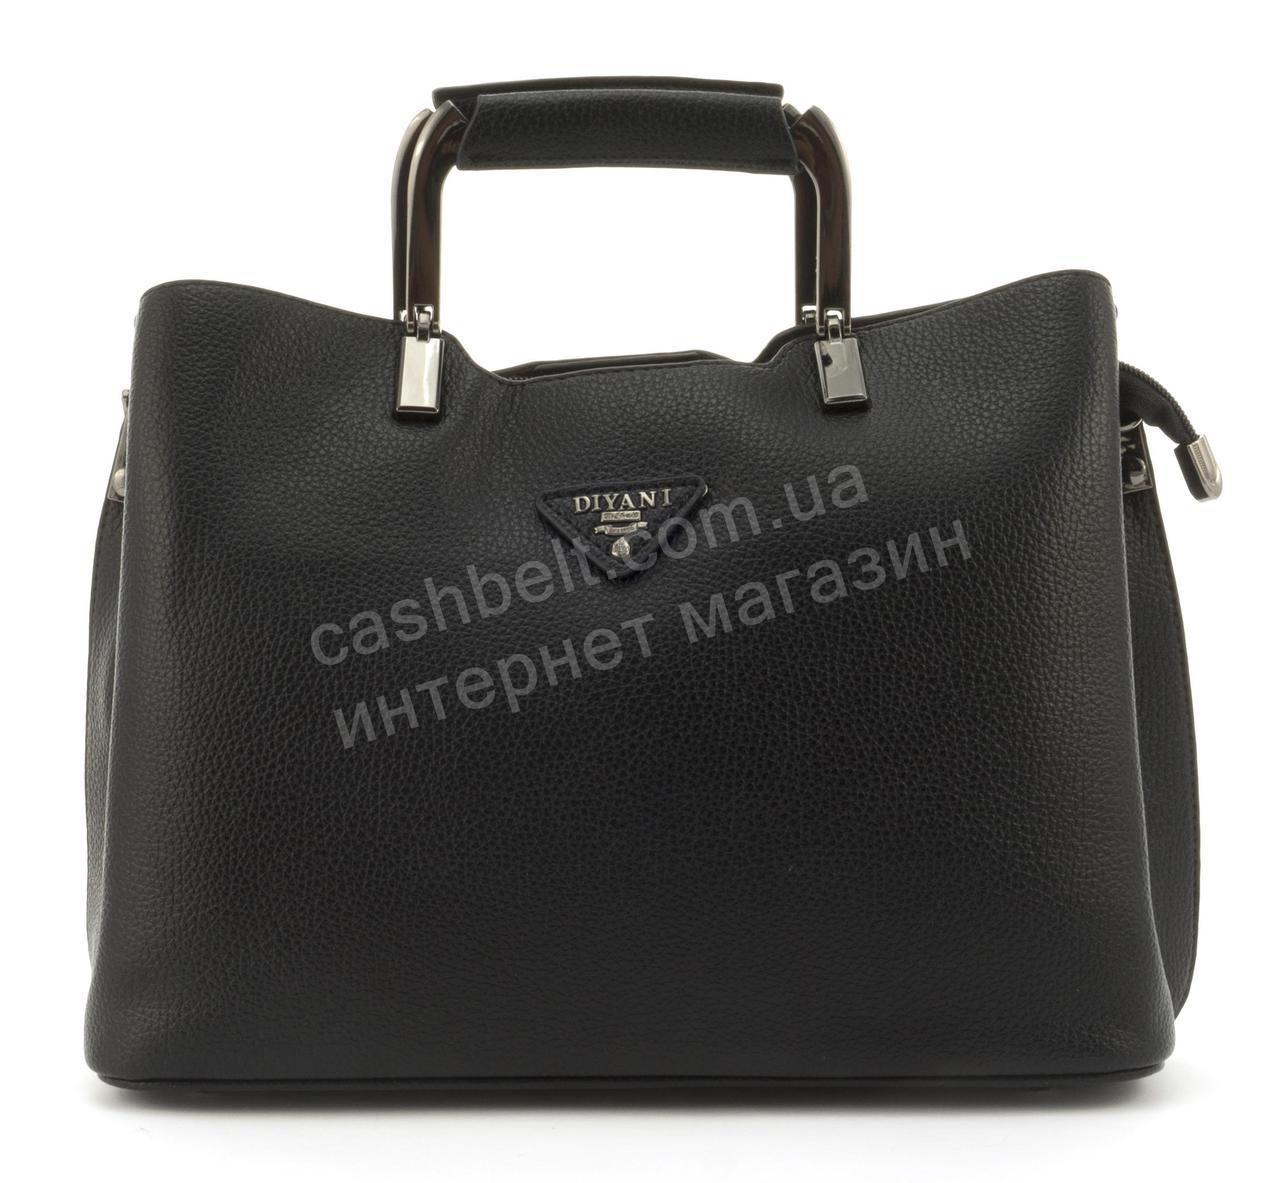 Качественная стильная прочная женская сумка с эко кожи высокого качества DIYANI art. A-553 черная